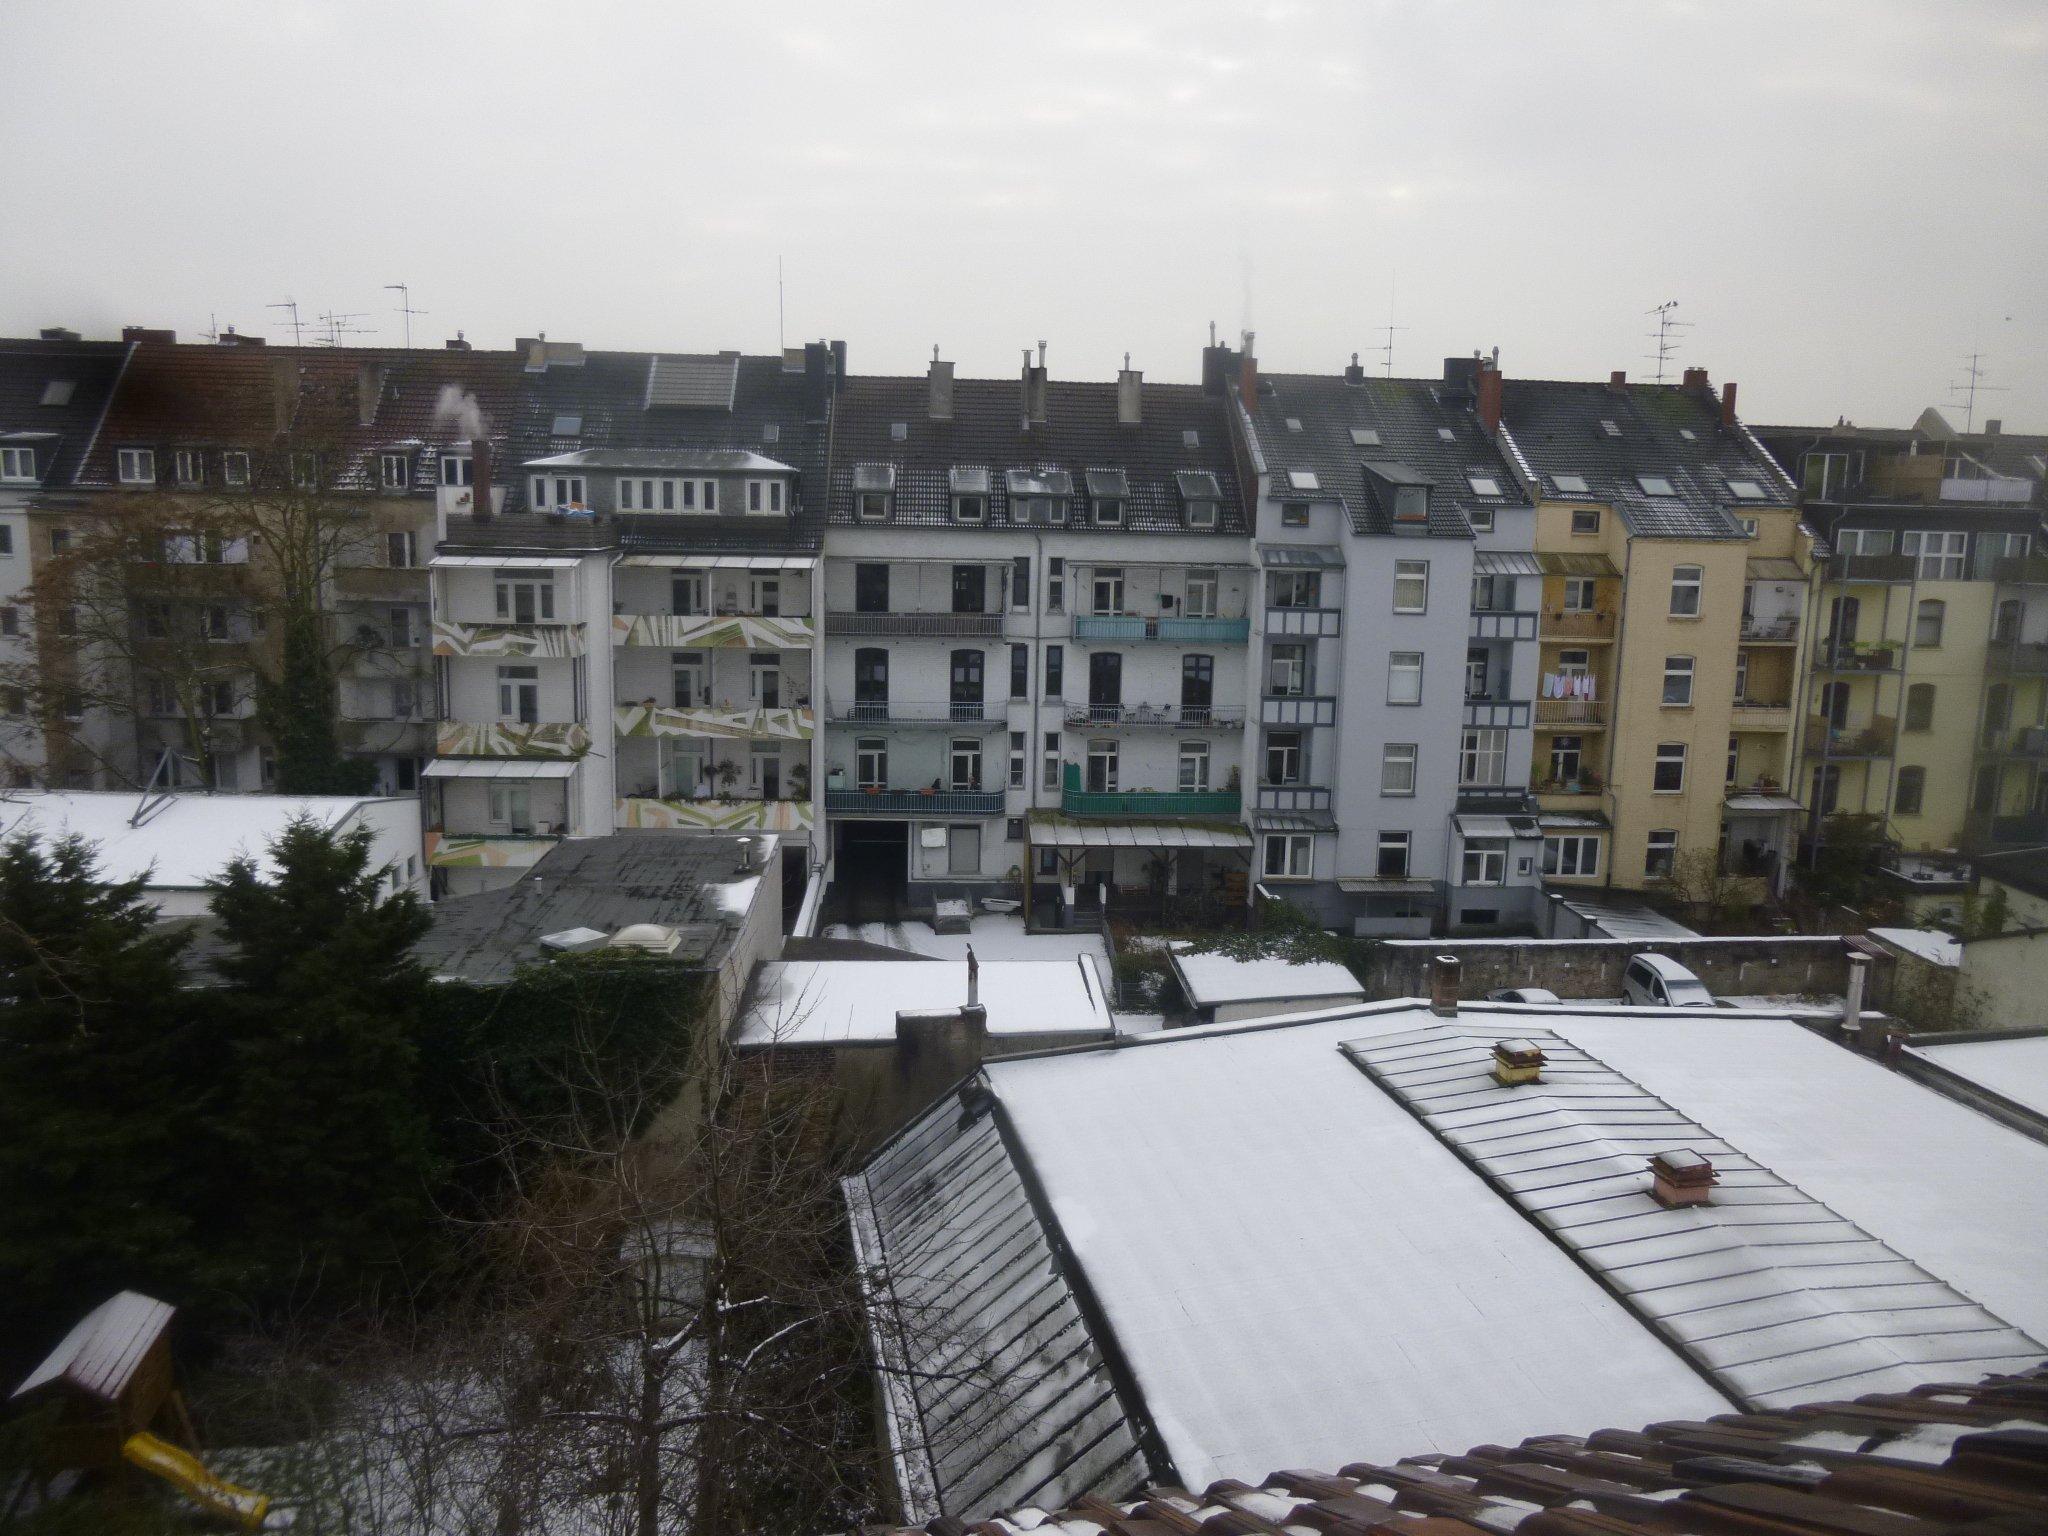 Schnee - 13 Uhr mittags